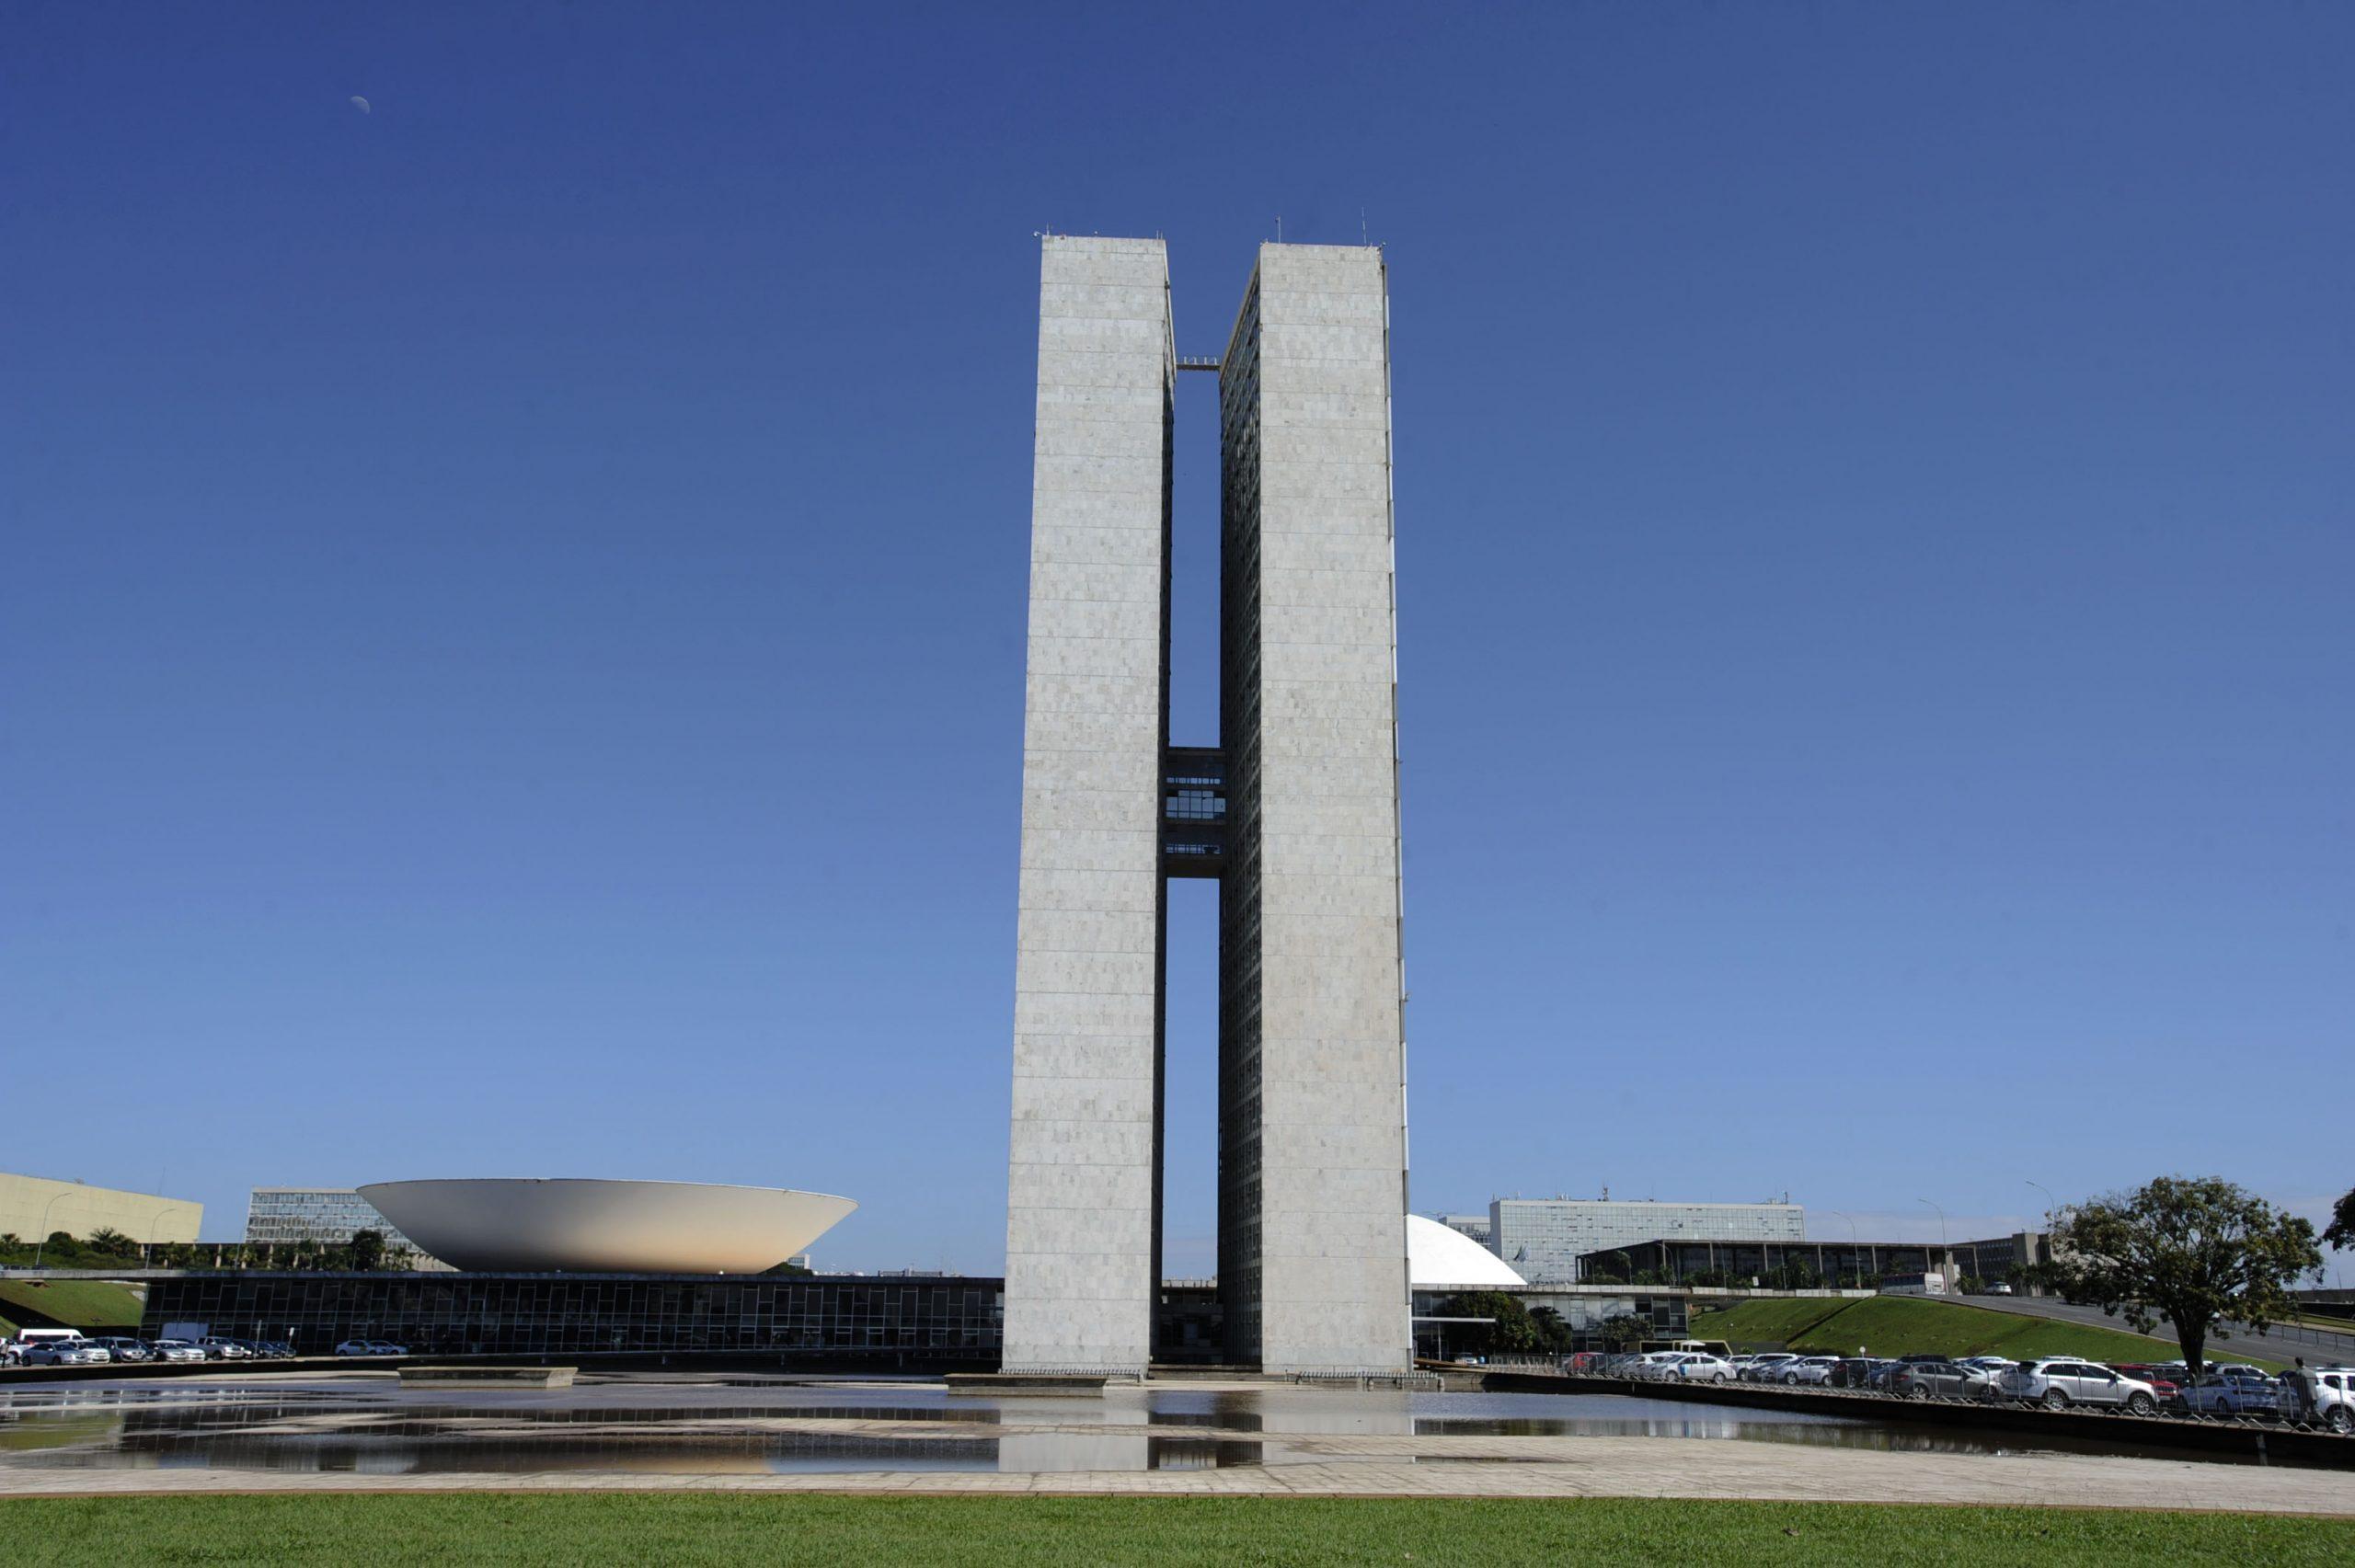 Maia Convoca Comissão Representativa para discutir colapso em Manaus